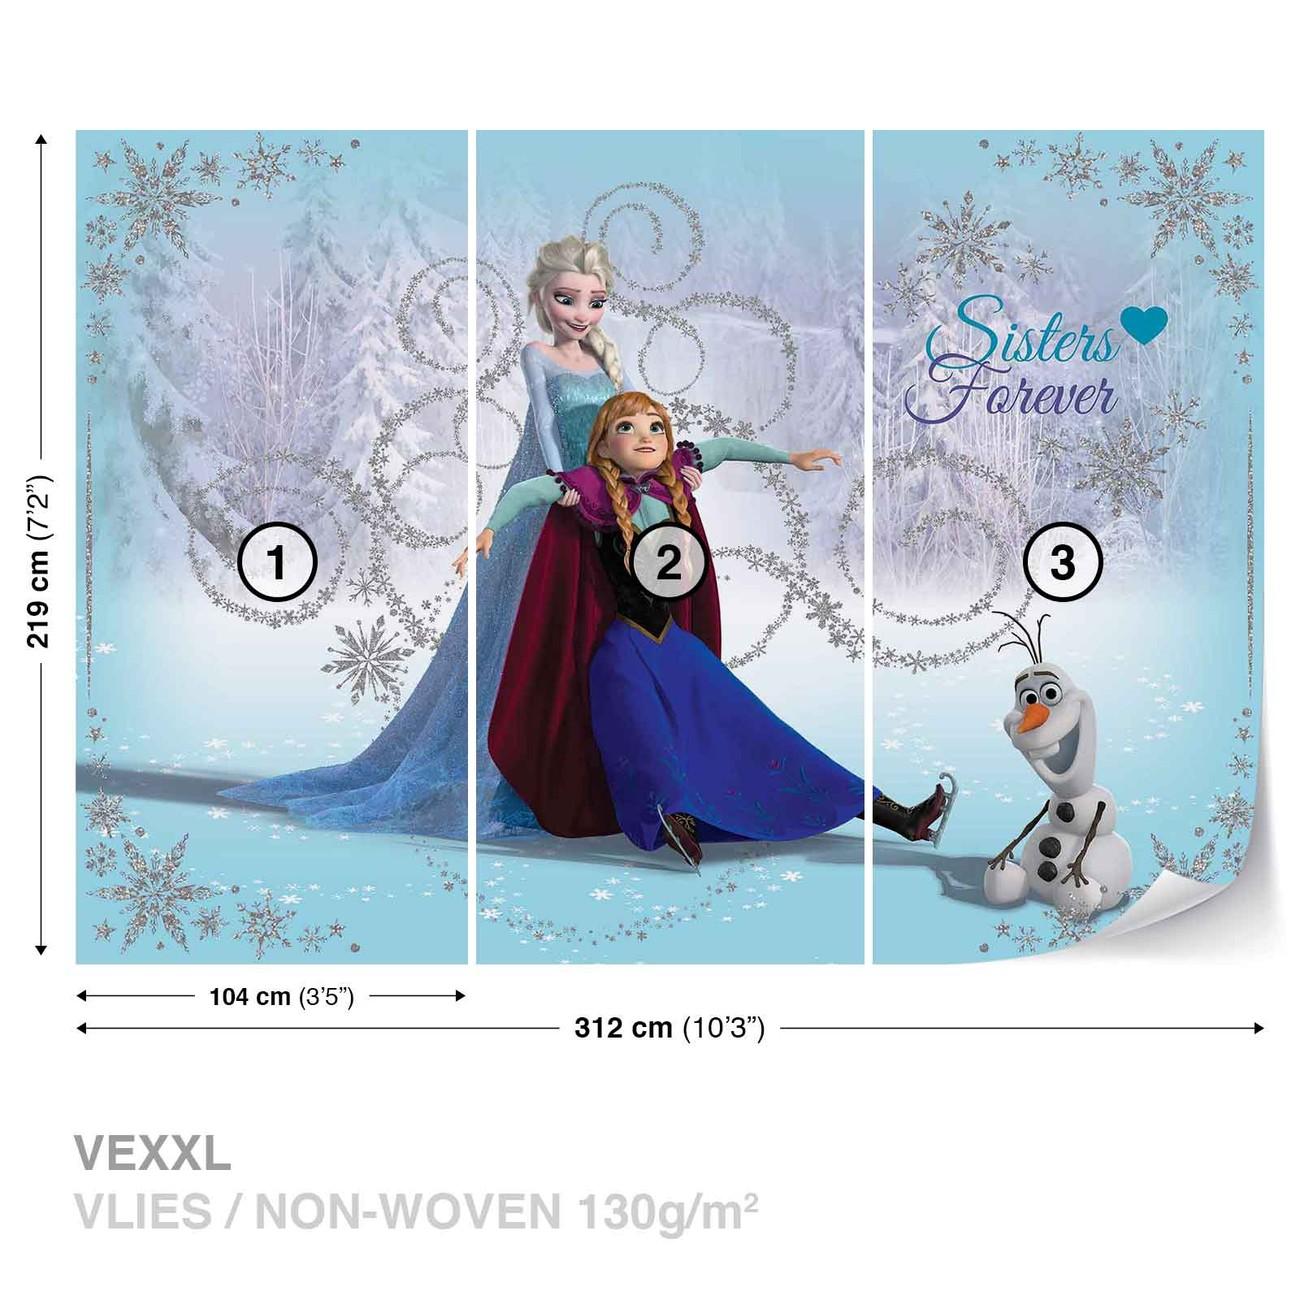 Disney reine des neiges elsa anna olaf poster mural papier peint acheter le sur - Papier peint reine des neiges ...